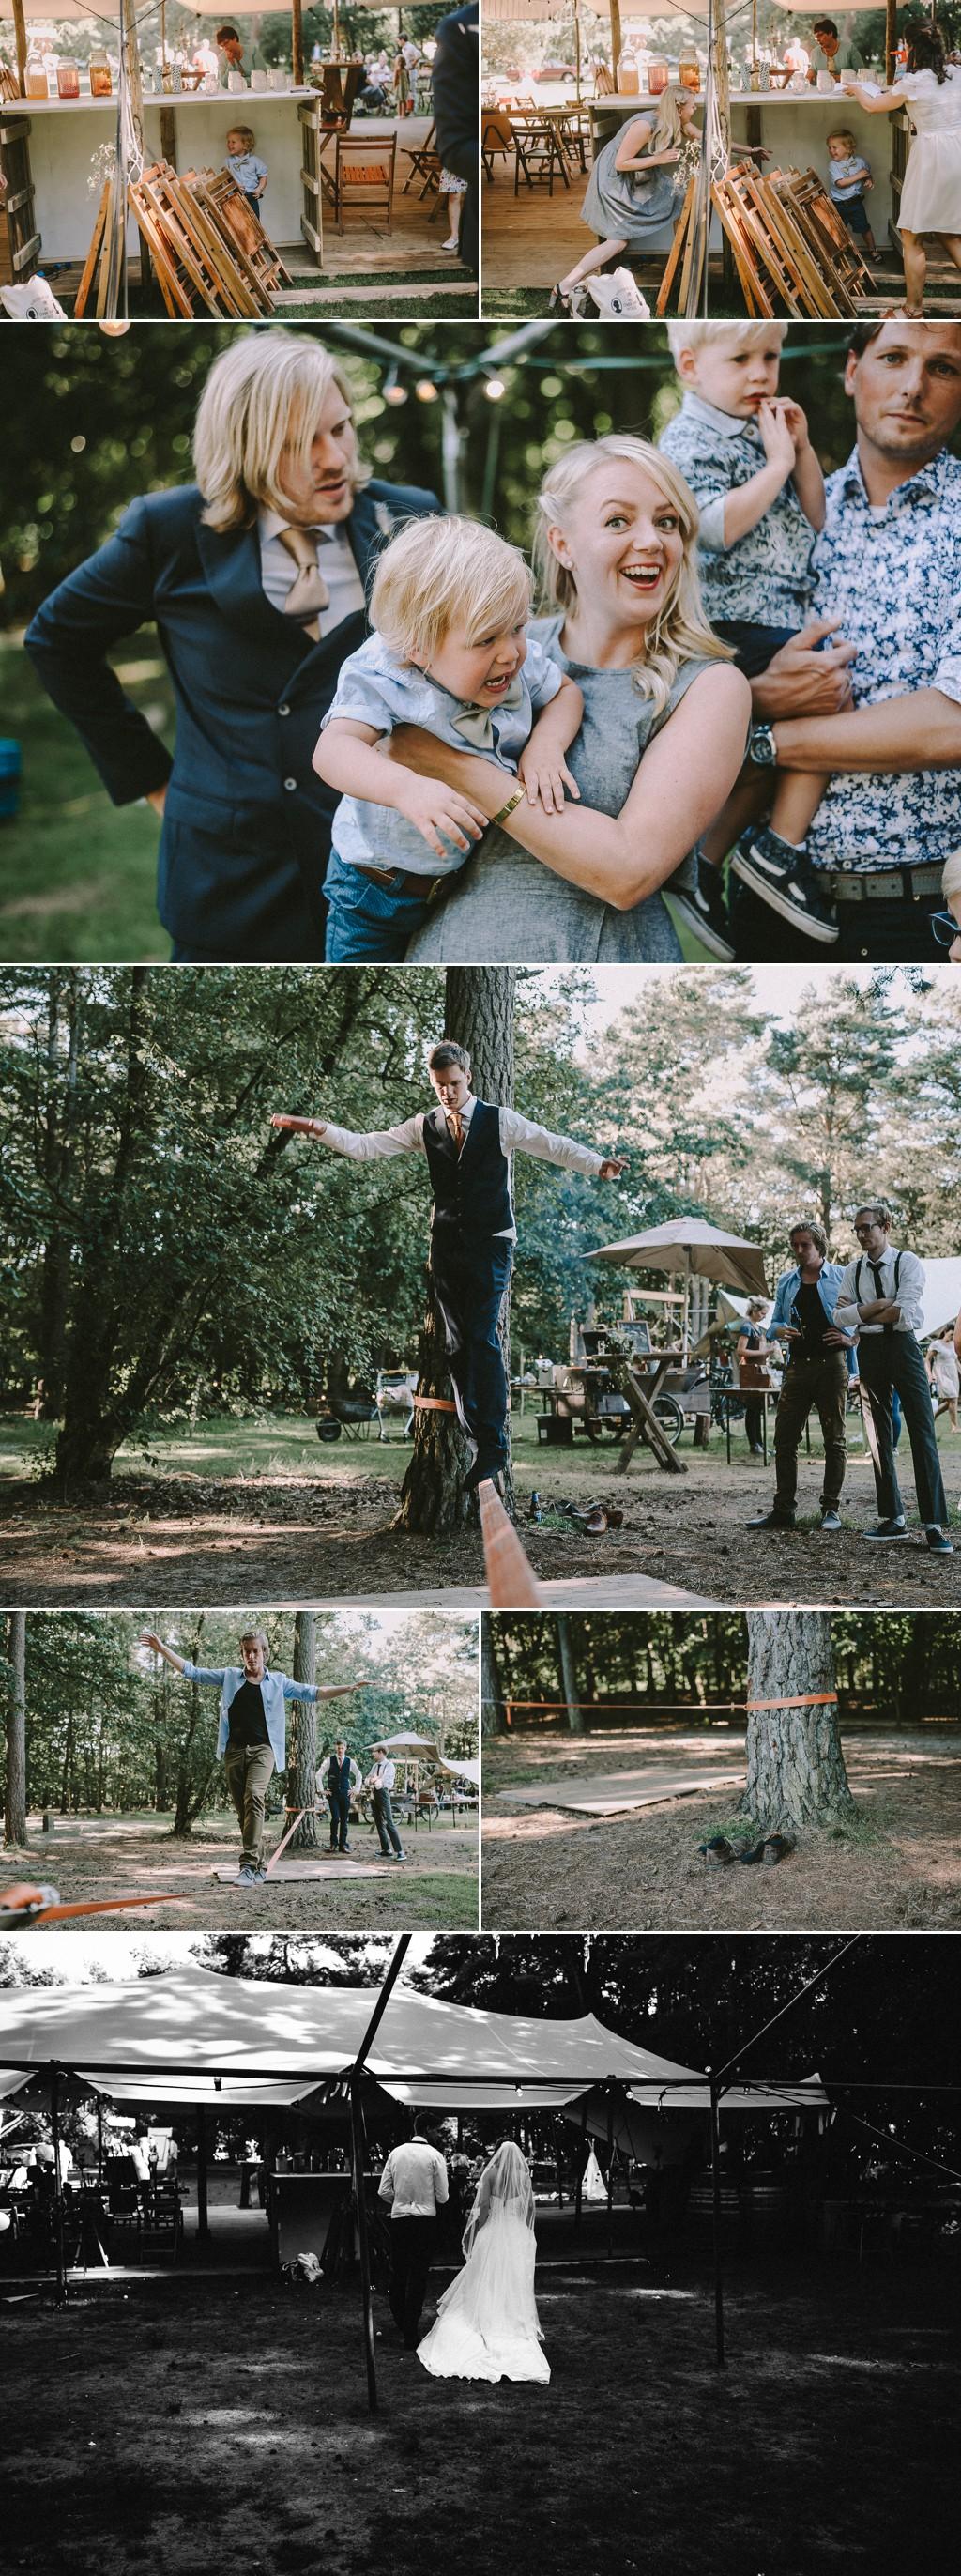 fotografie-steef-utama-te-leuk-trouwen-nunspeet-rotterdam-trouwen-in-het-bos-06